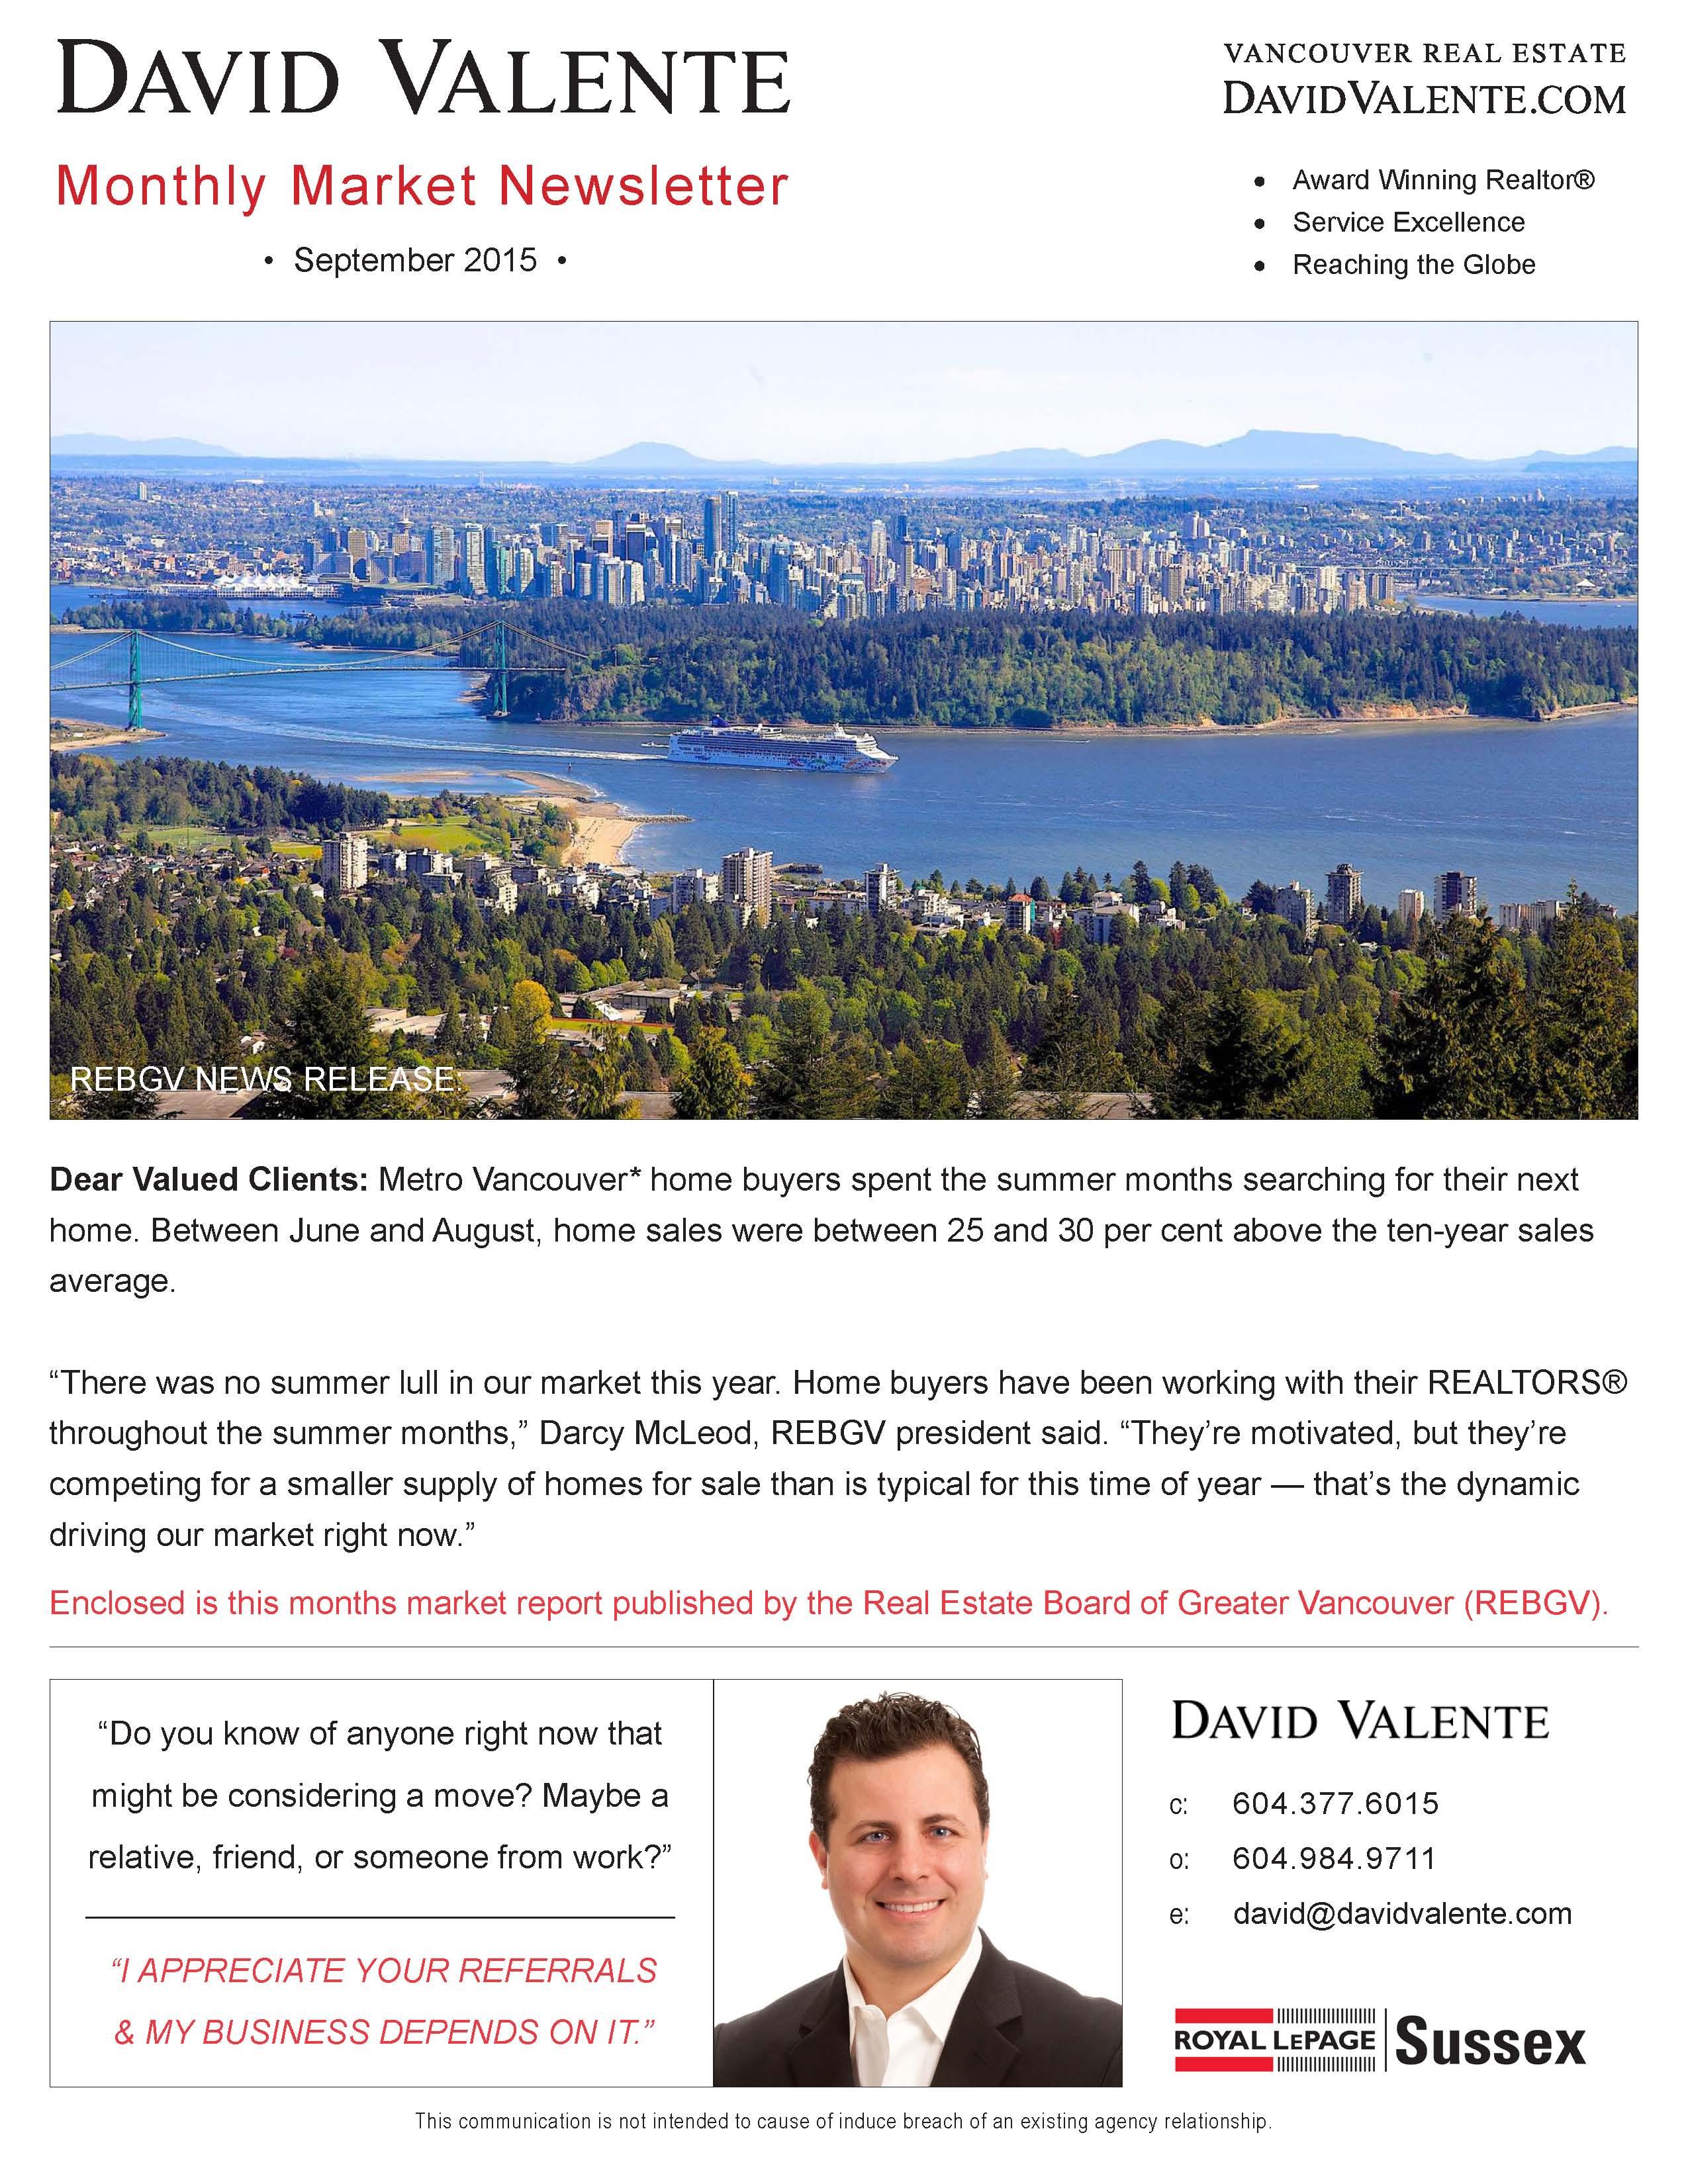 Sept-2015_MarketNews_VancouverRealEstate_DavidValente_Page_01